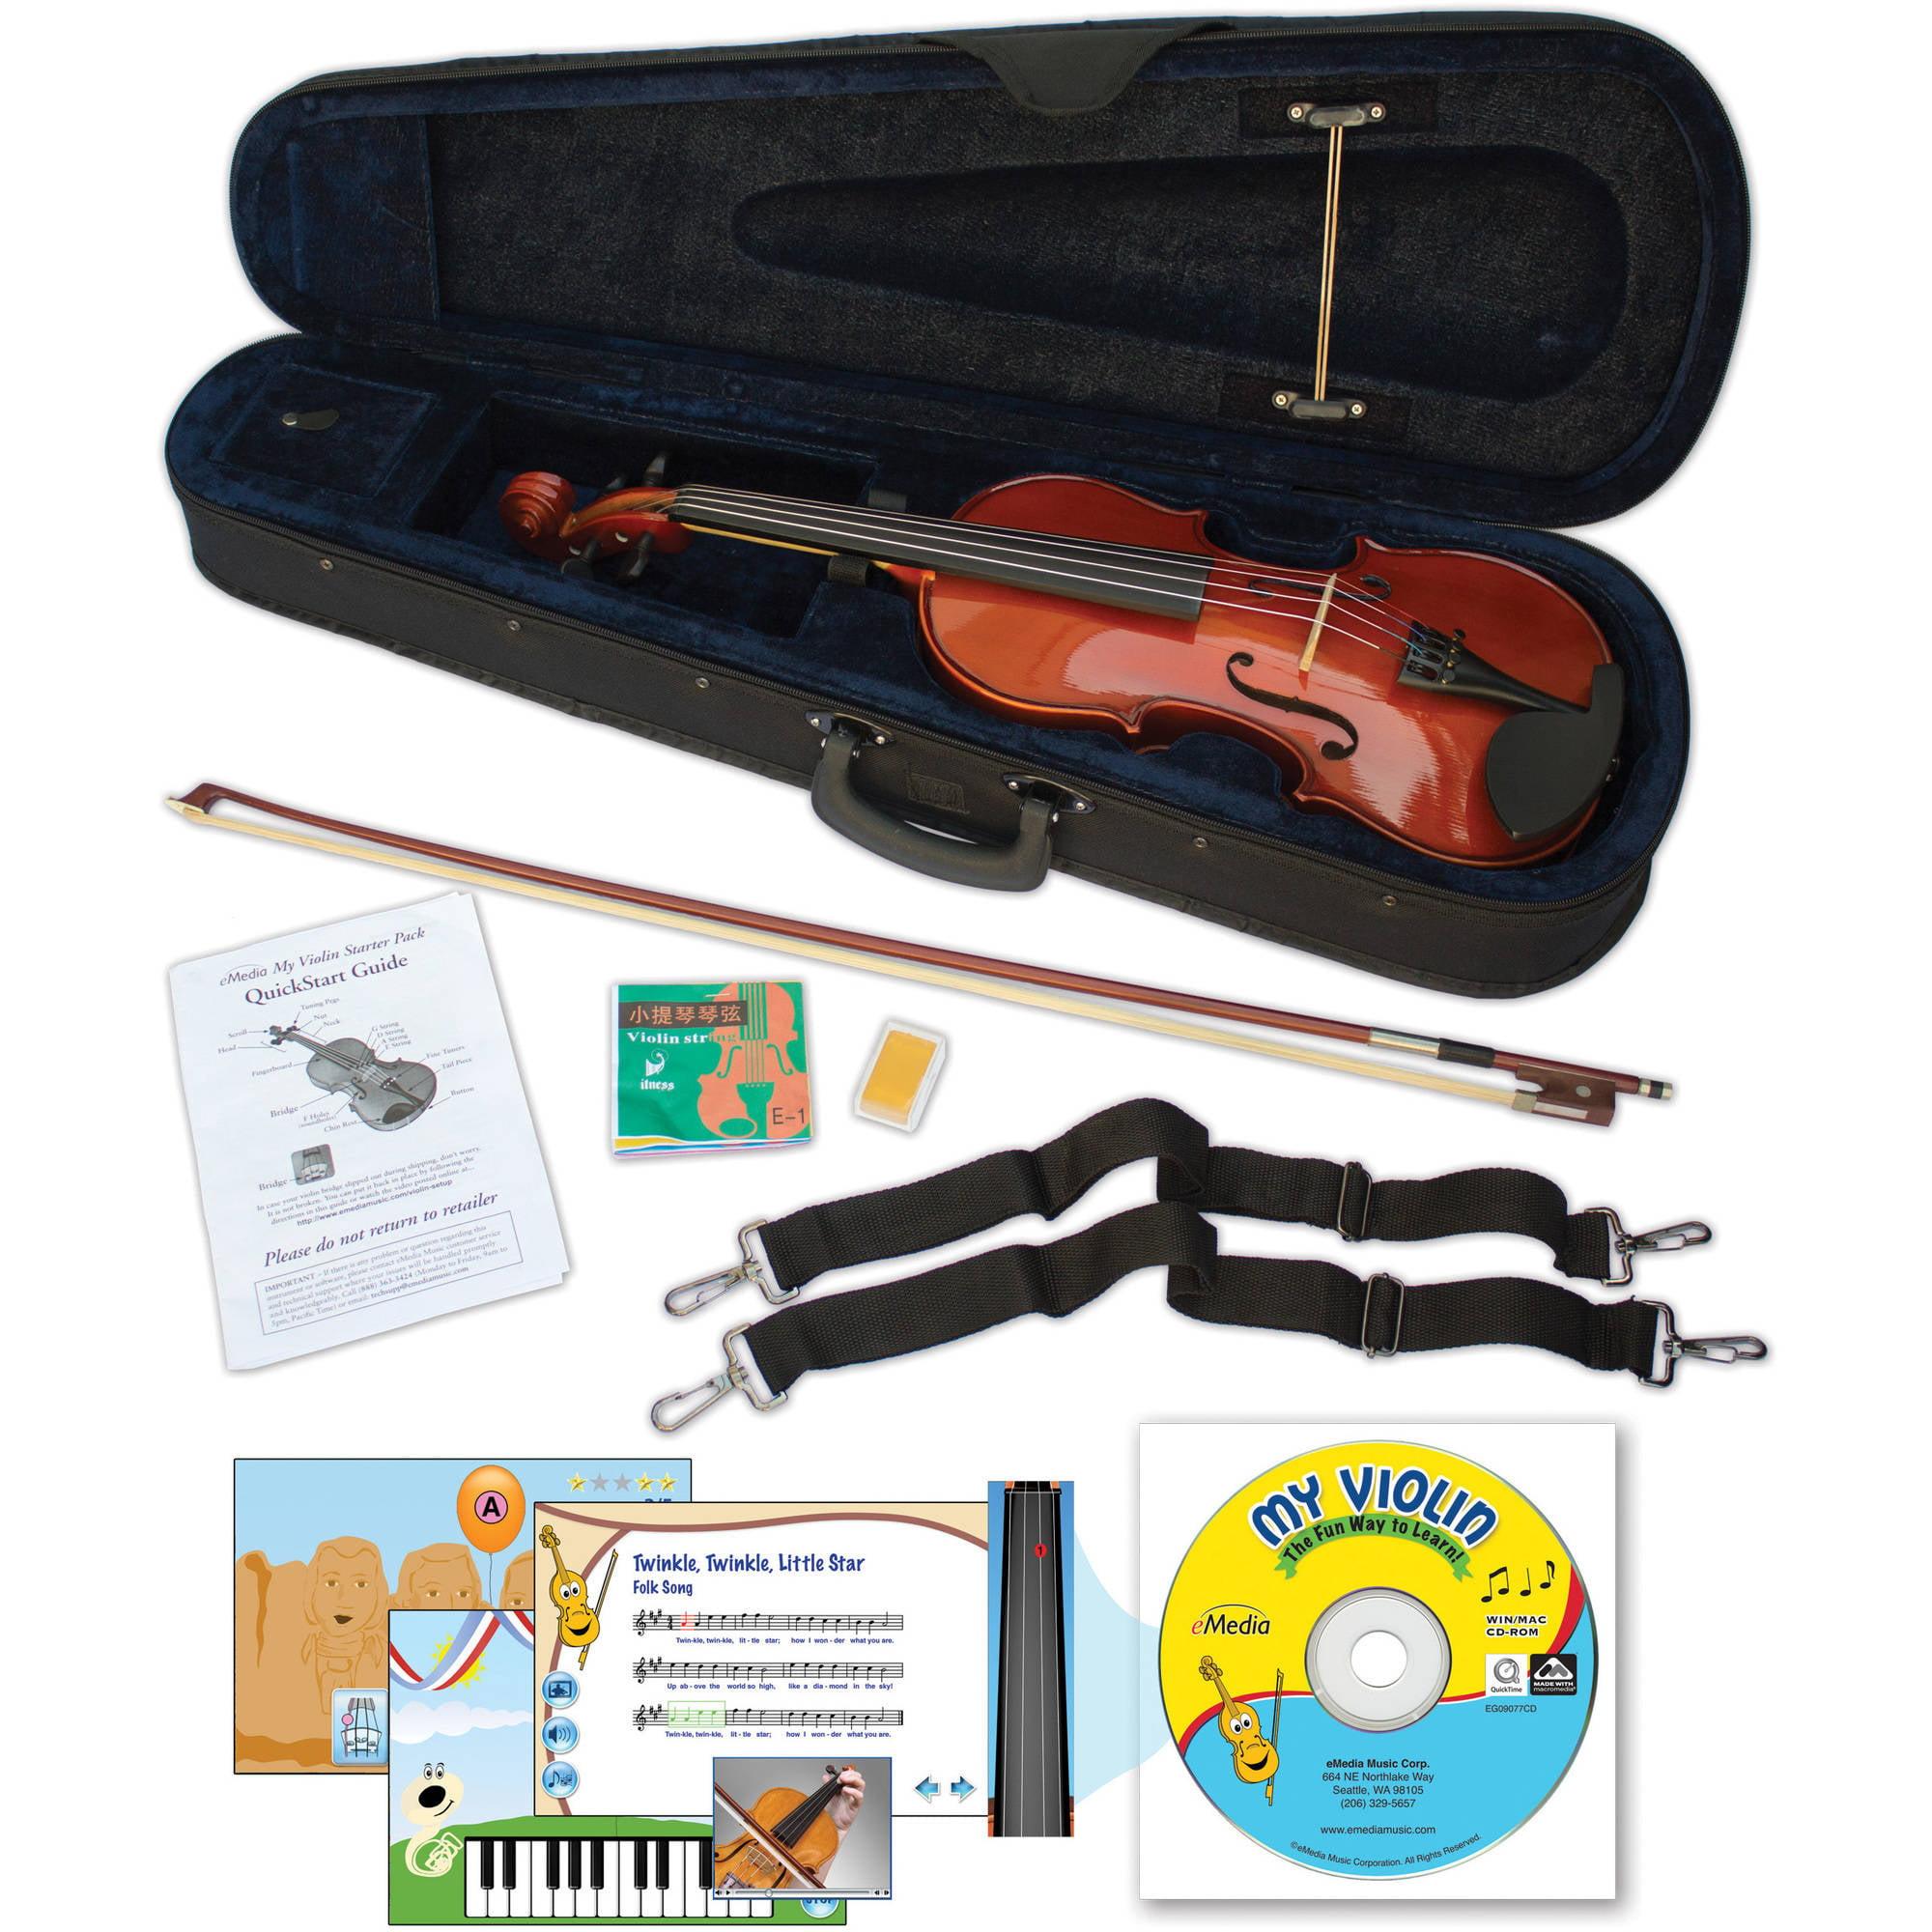 eMedia My Violin Starter Pack for Kids (Full-Size) by Emedia Music